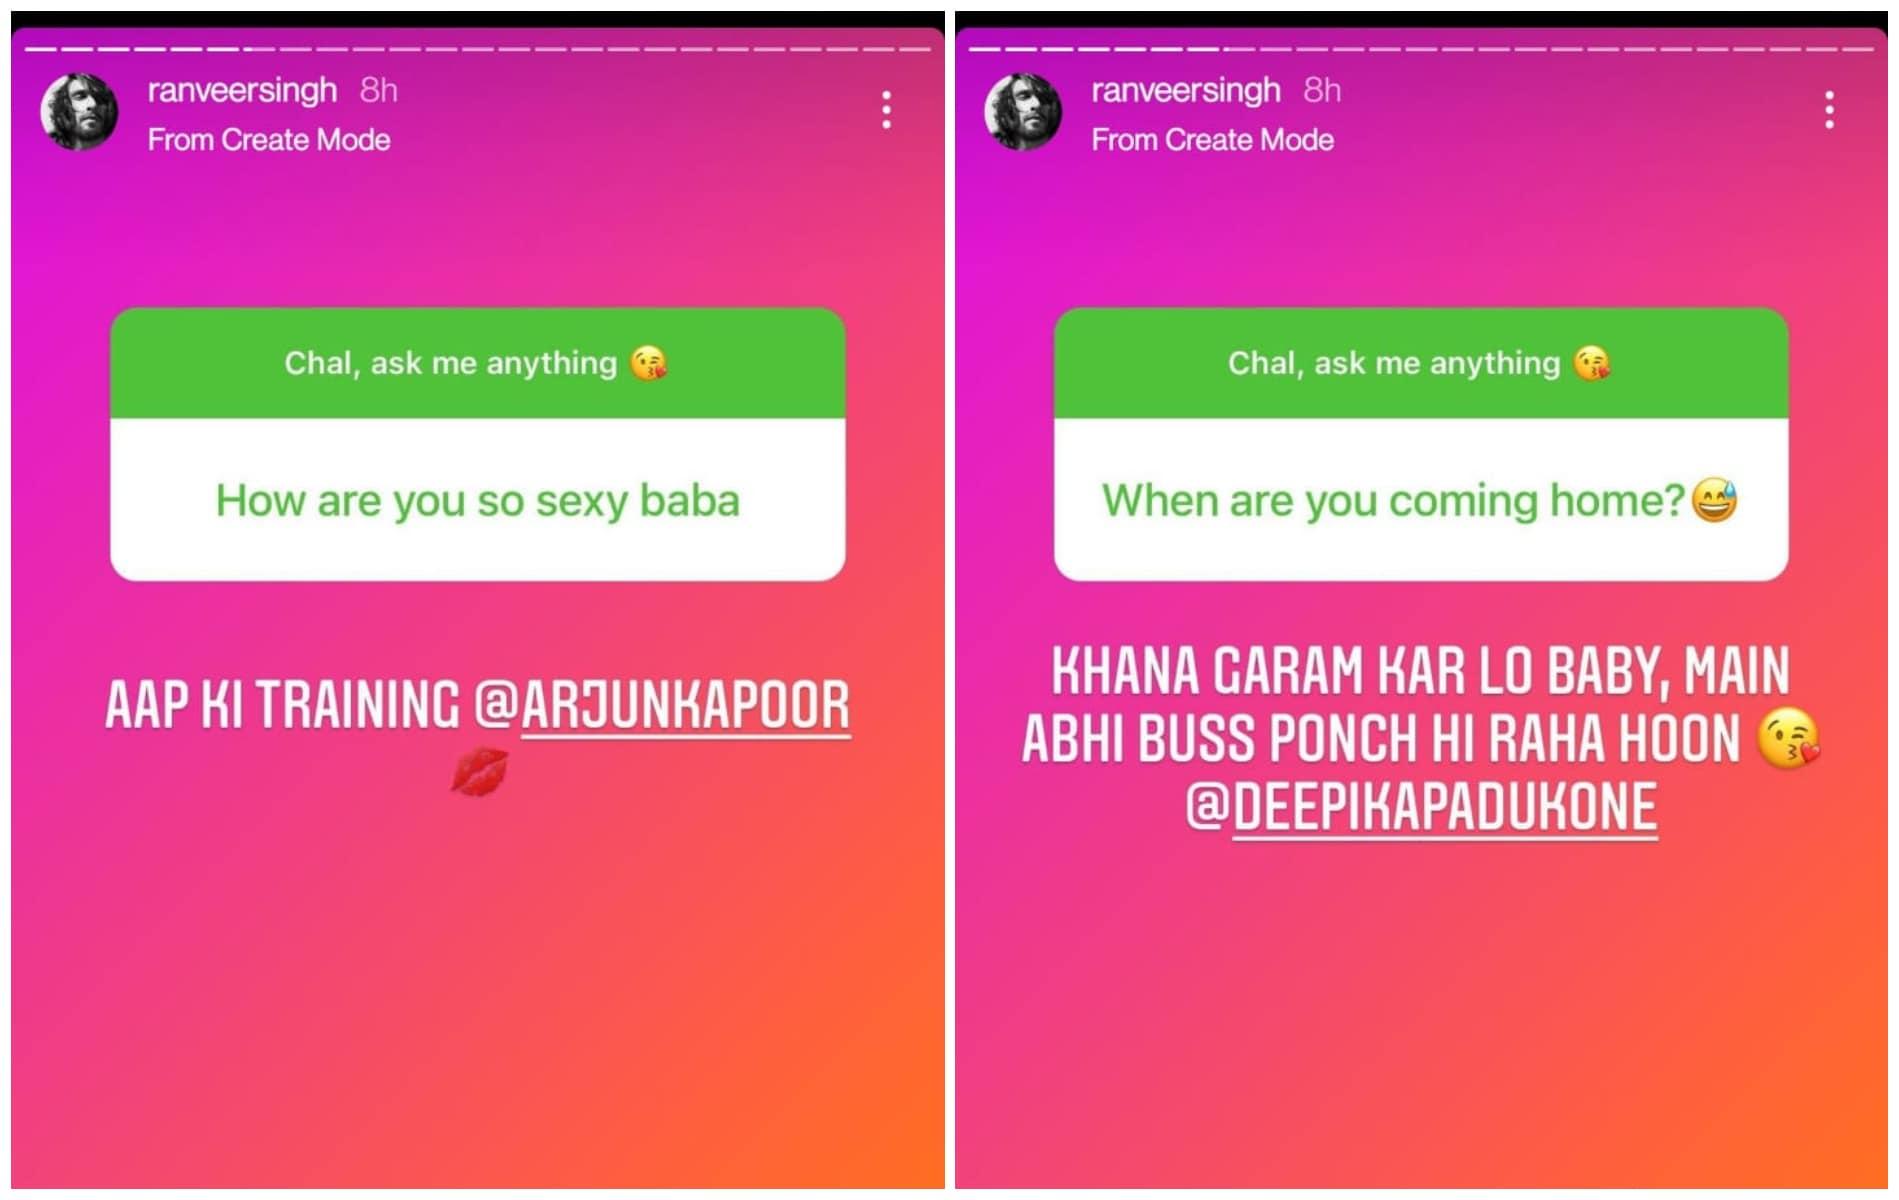 Ranveer Singh got questions from Deepika Padukone and Arjun Kapoor.